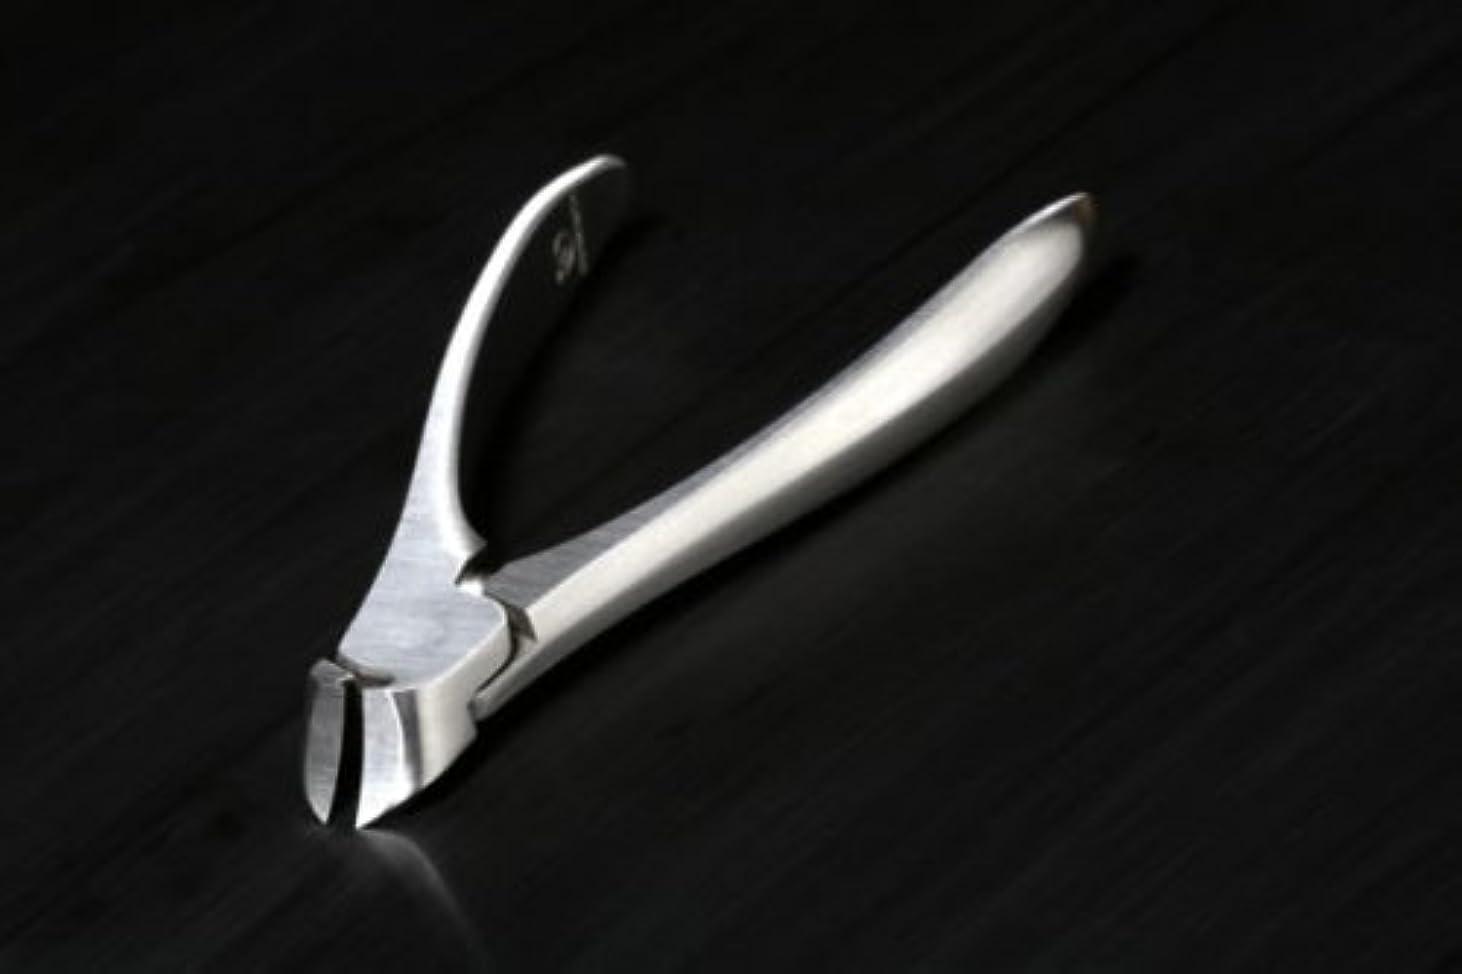 ペレグリネーションバター地区SUWADA(スワダ)クラシック ニッパー式爪切り S新型 曲刃